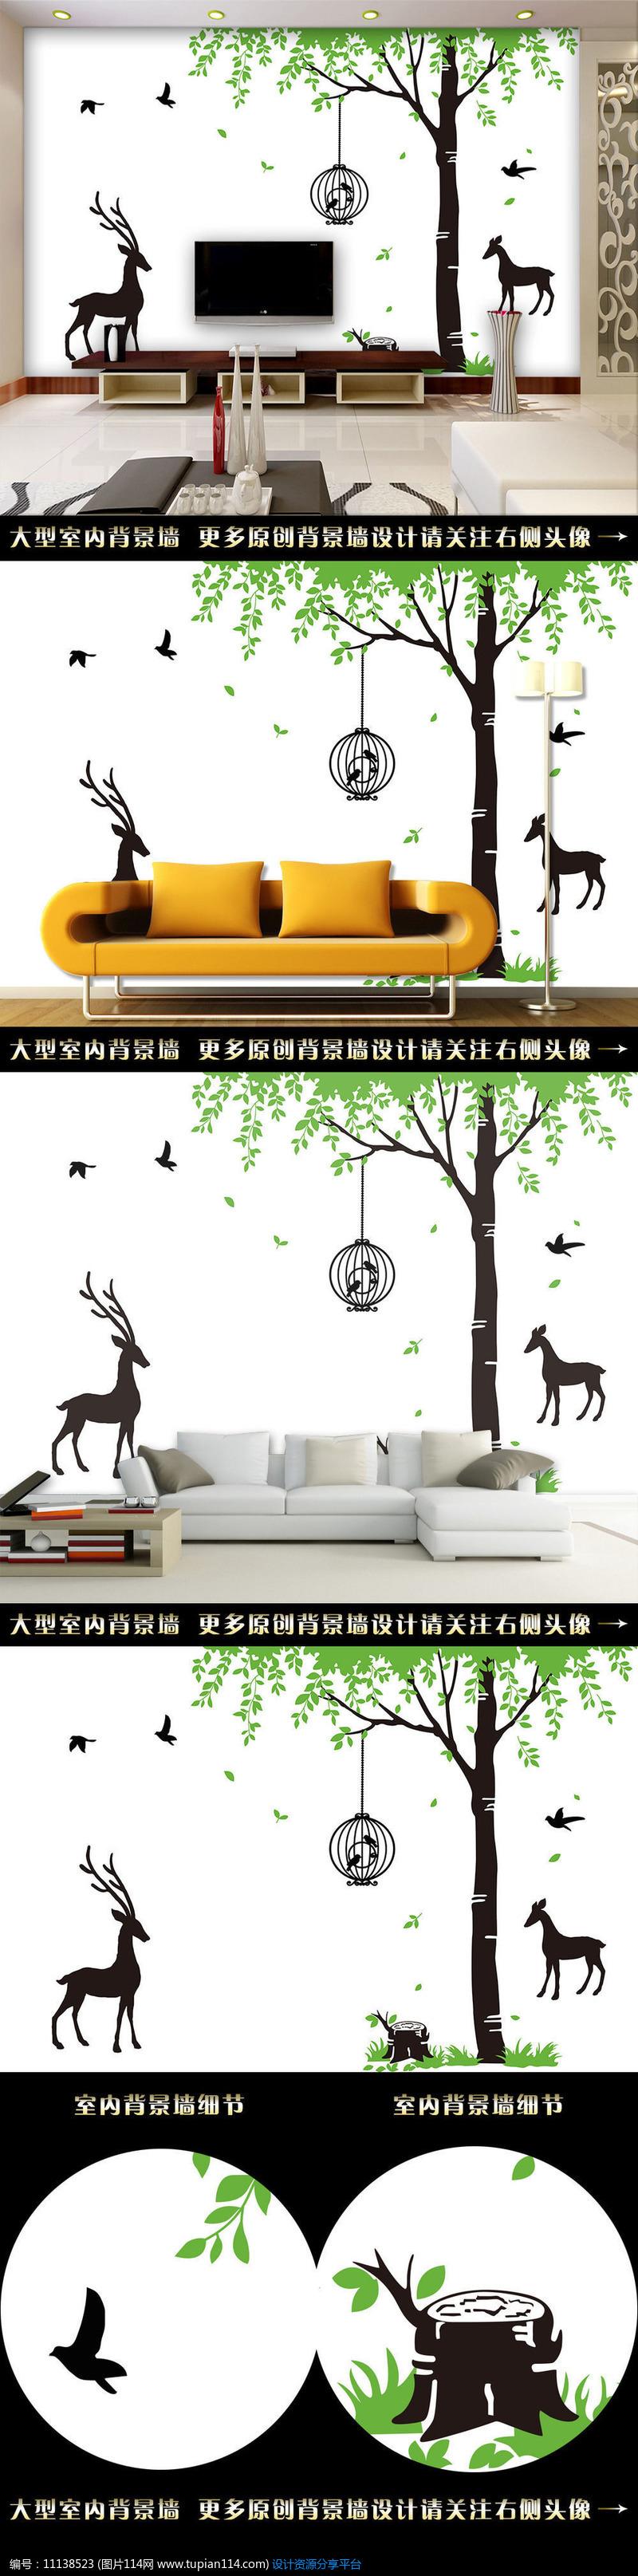 [原创] 手绘森林鹿电视背景墙